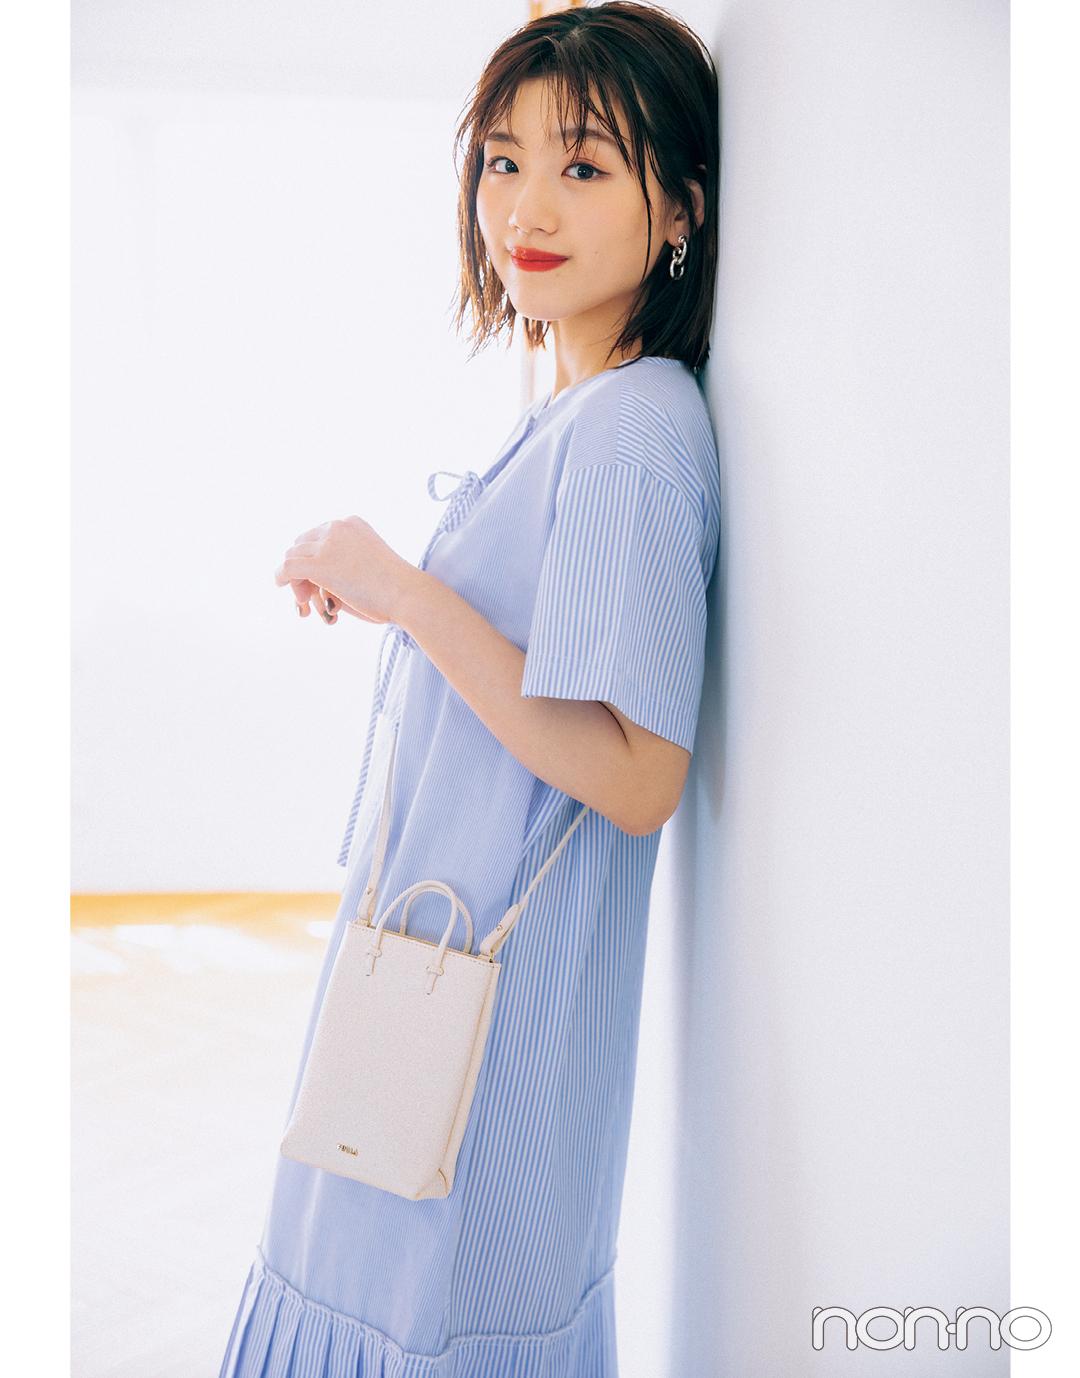 佐々木美玲の『FURLA フルラ エッセンシャル ミニ バーチカル クロスボディ』モデルカット